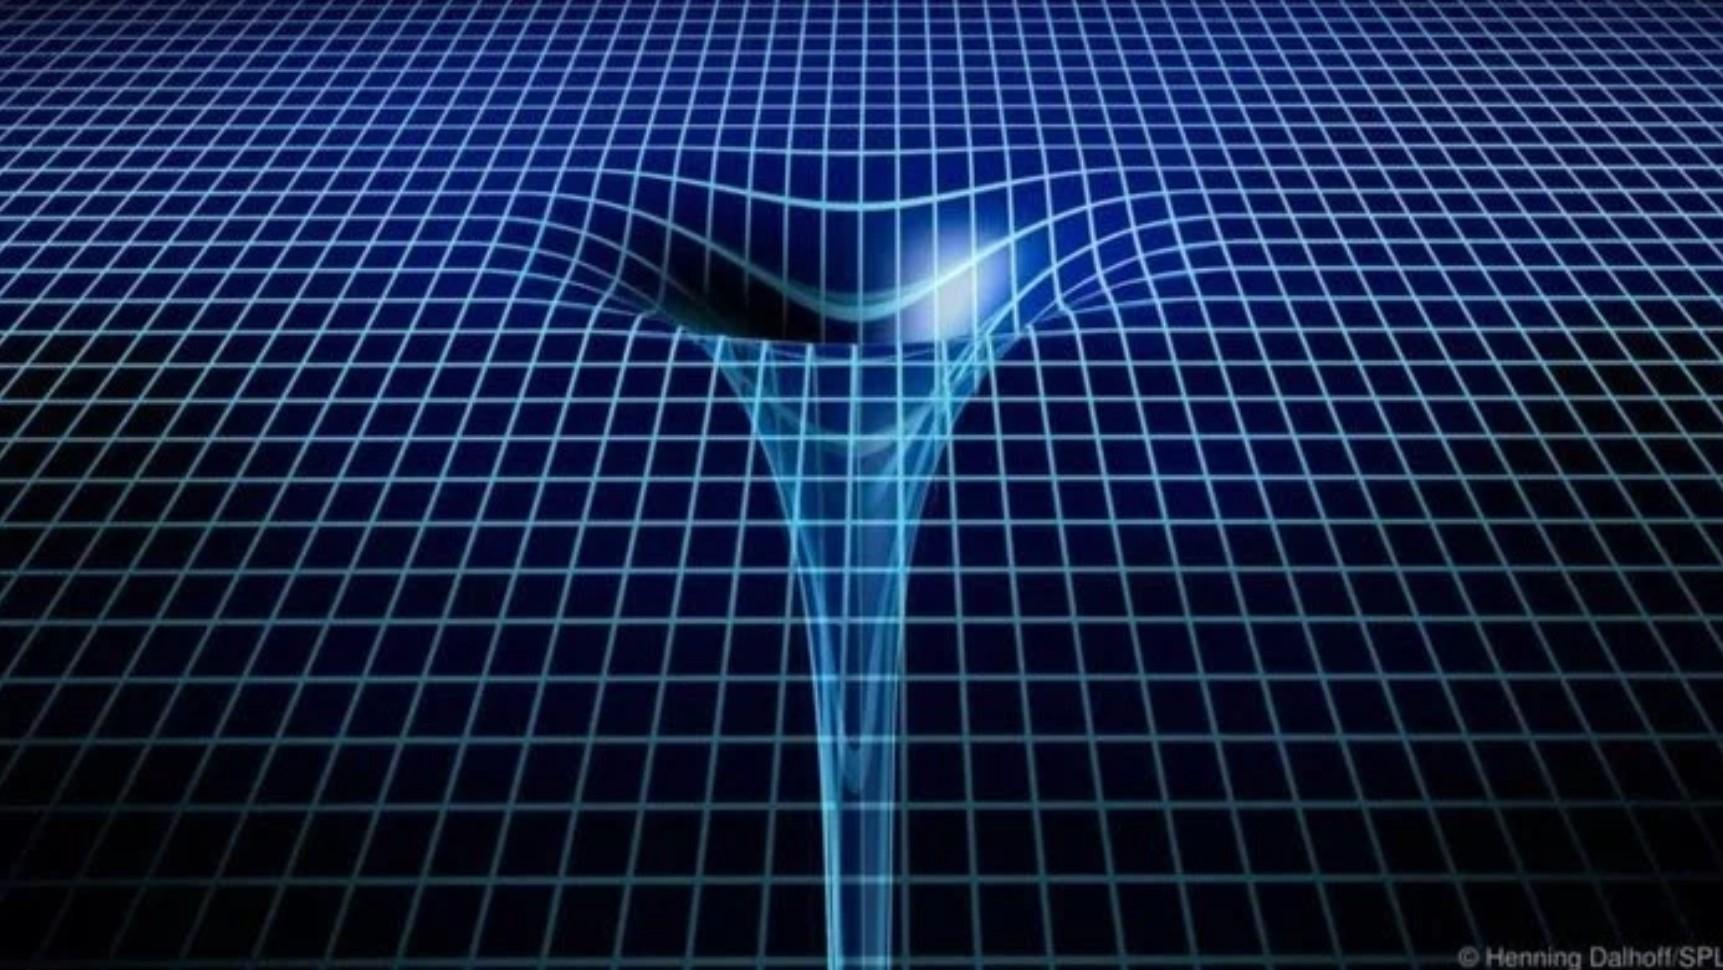 ¿Crees que si caes en un agujero negro, te espera la muerte instantánea? Tu destino será mucho más extraño